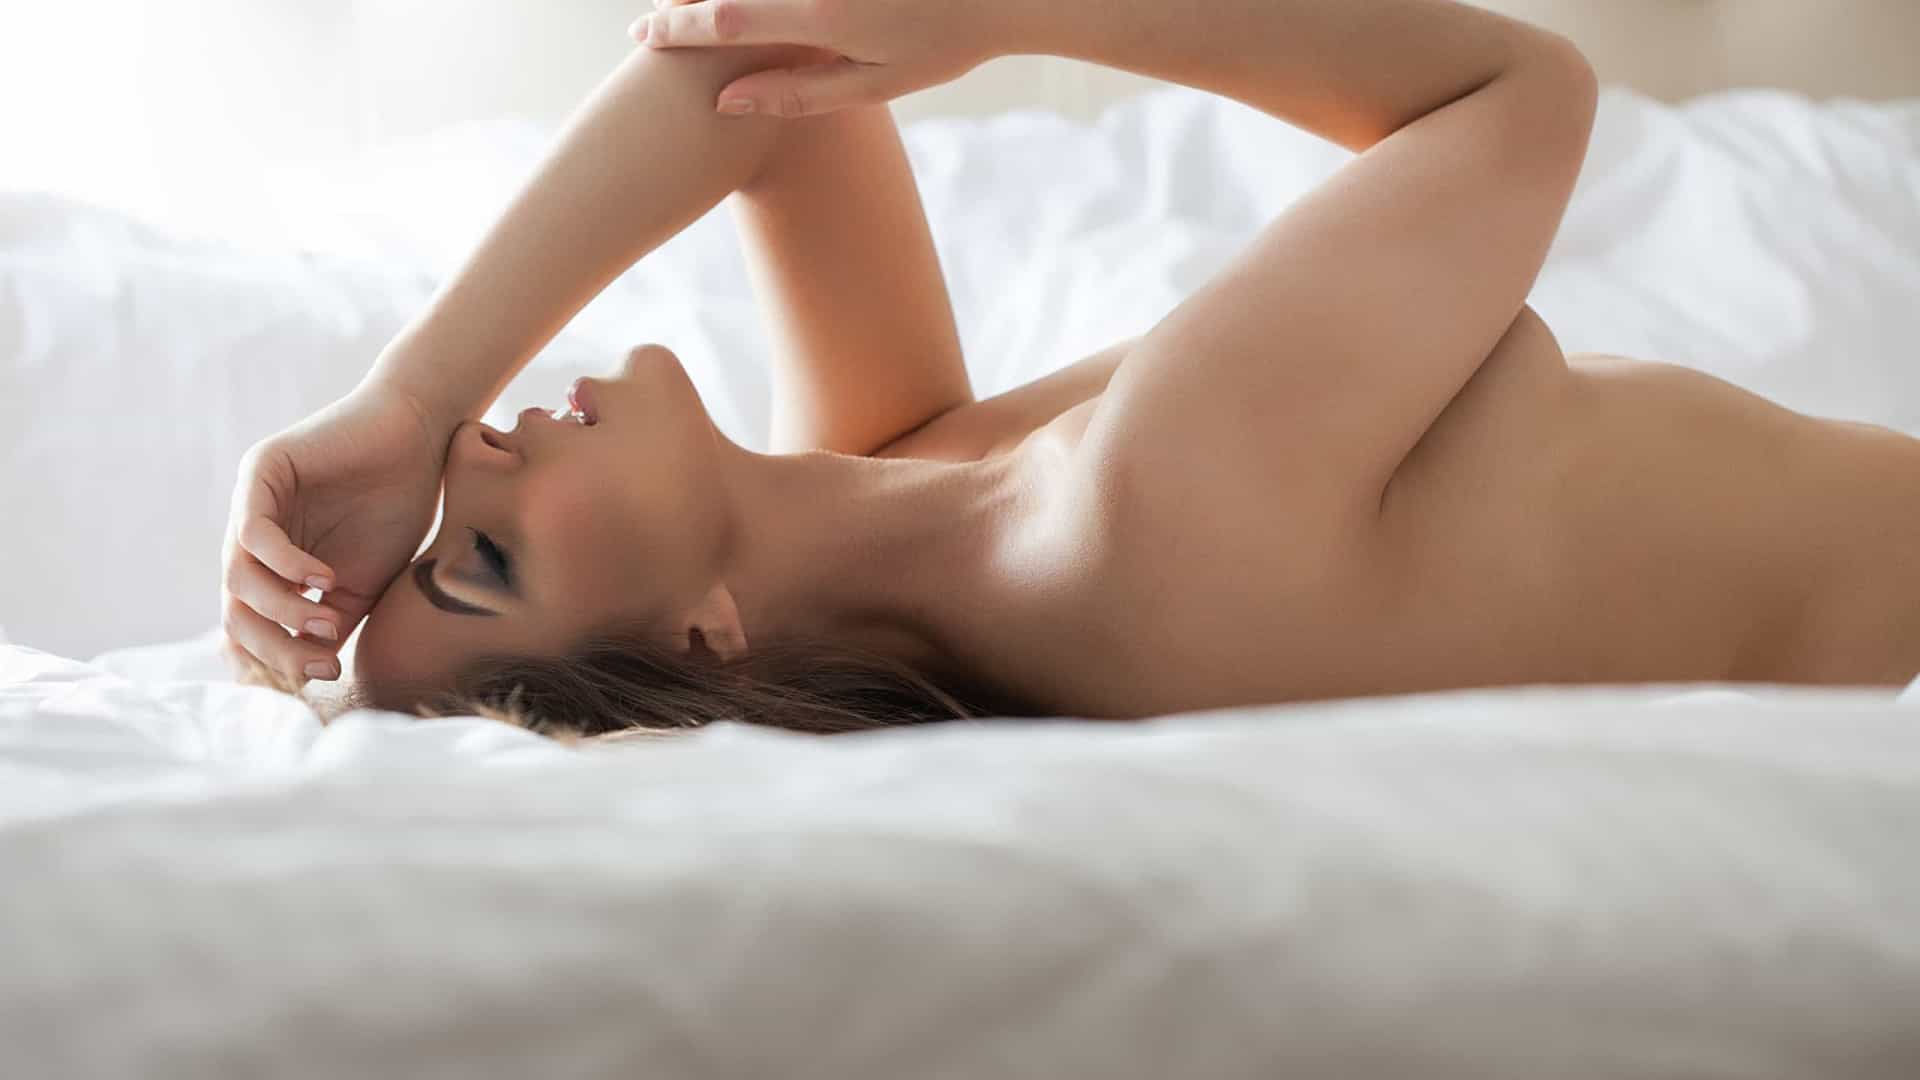 Mulheres podem ter até 100 orgasmos seguidos, diz estudo